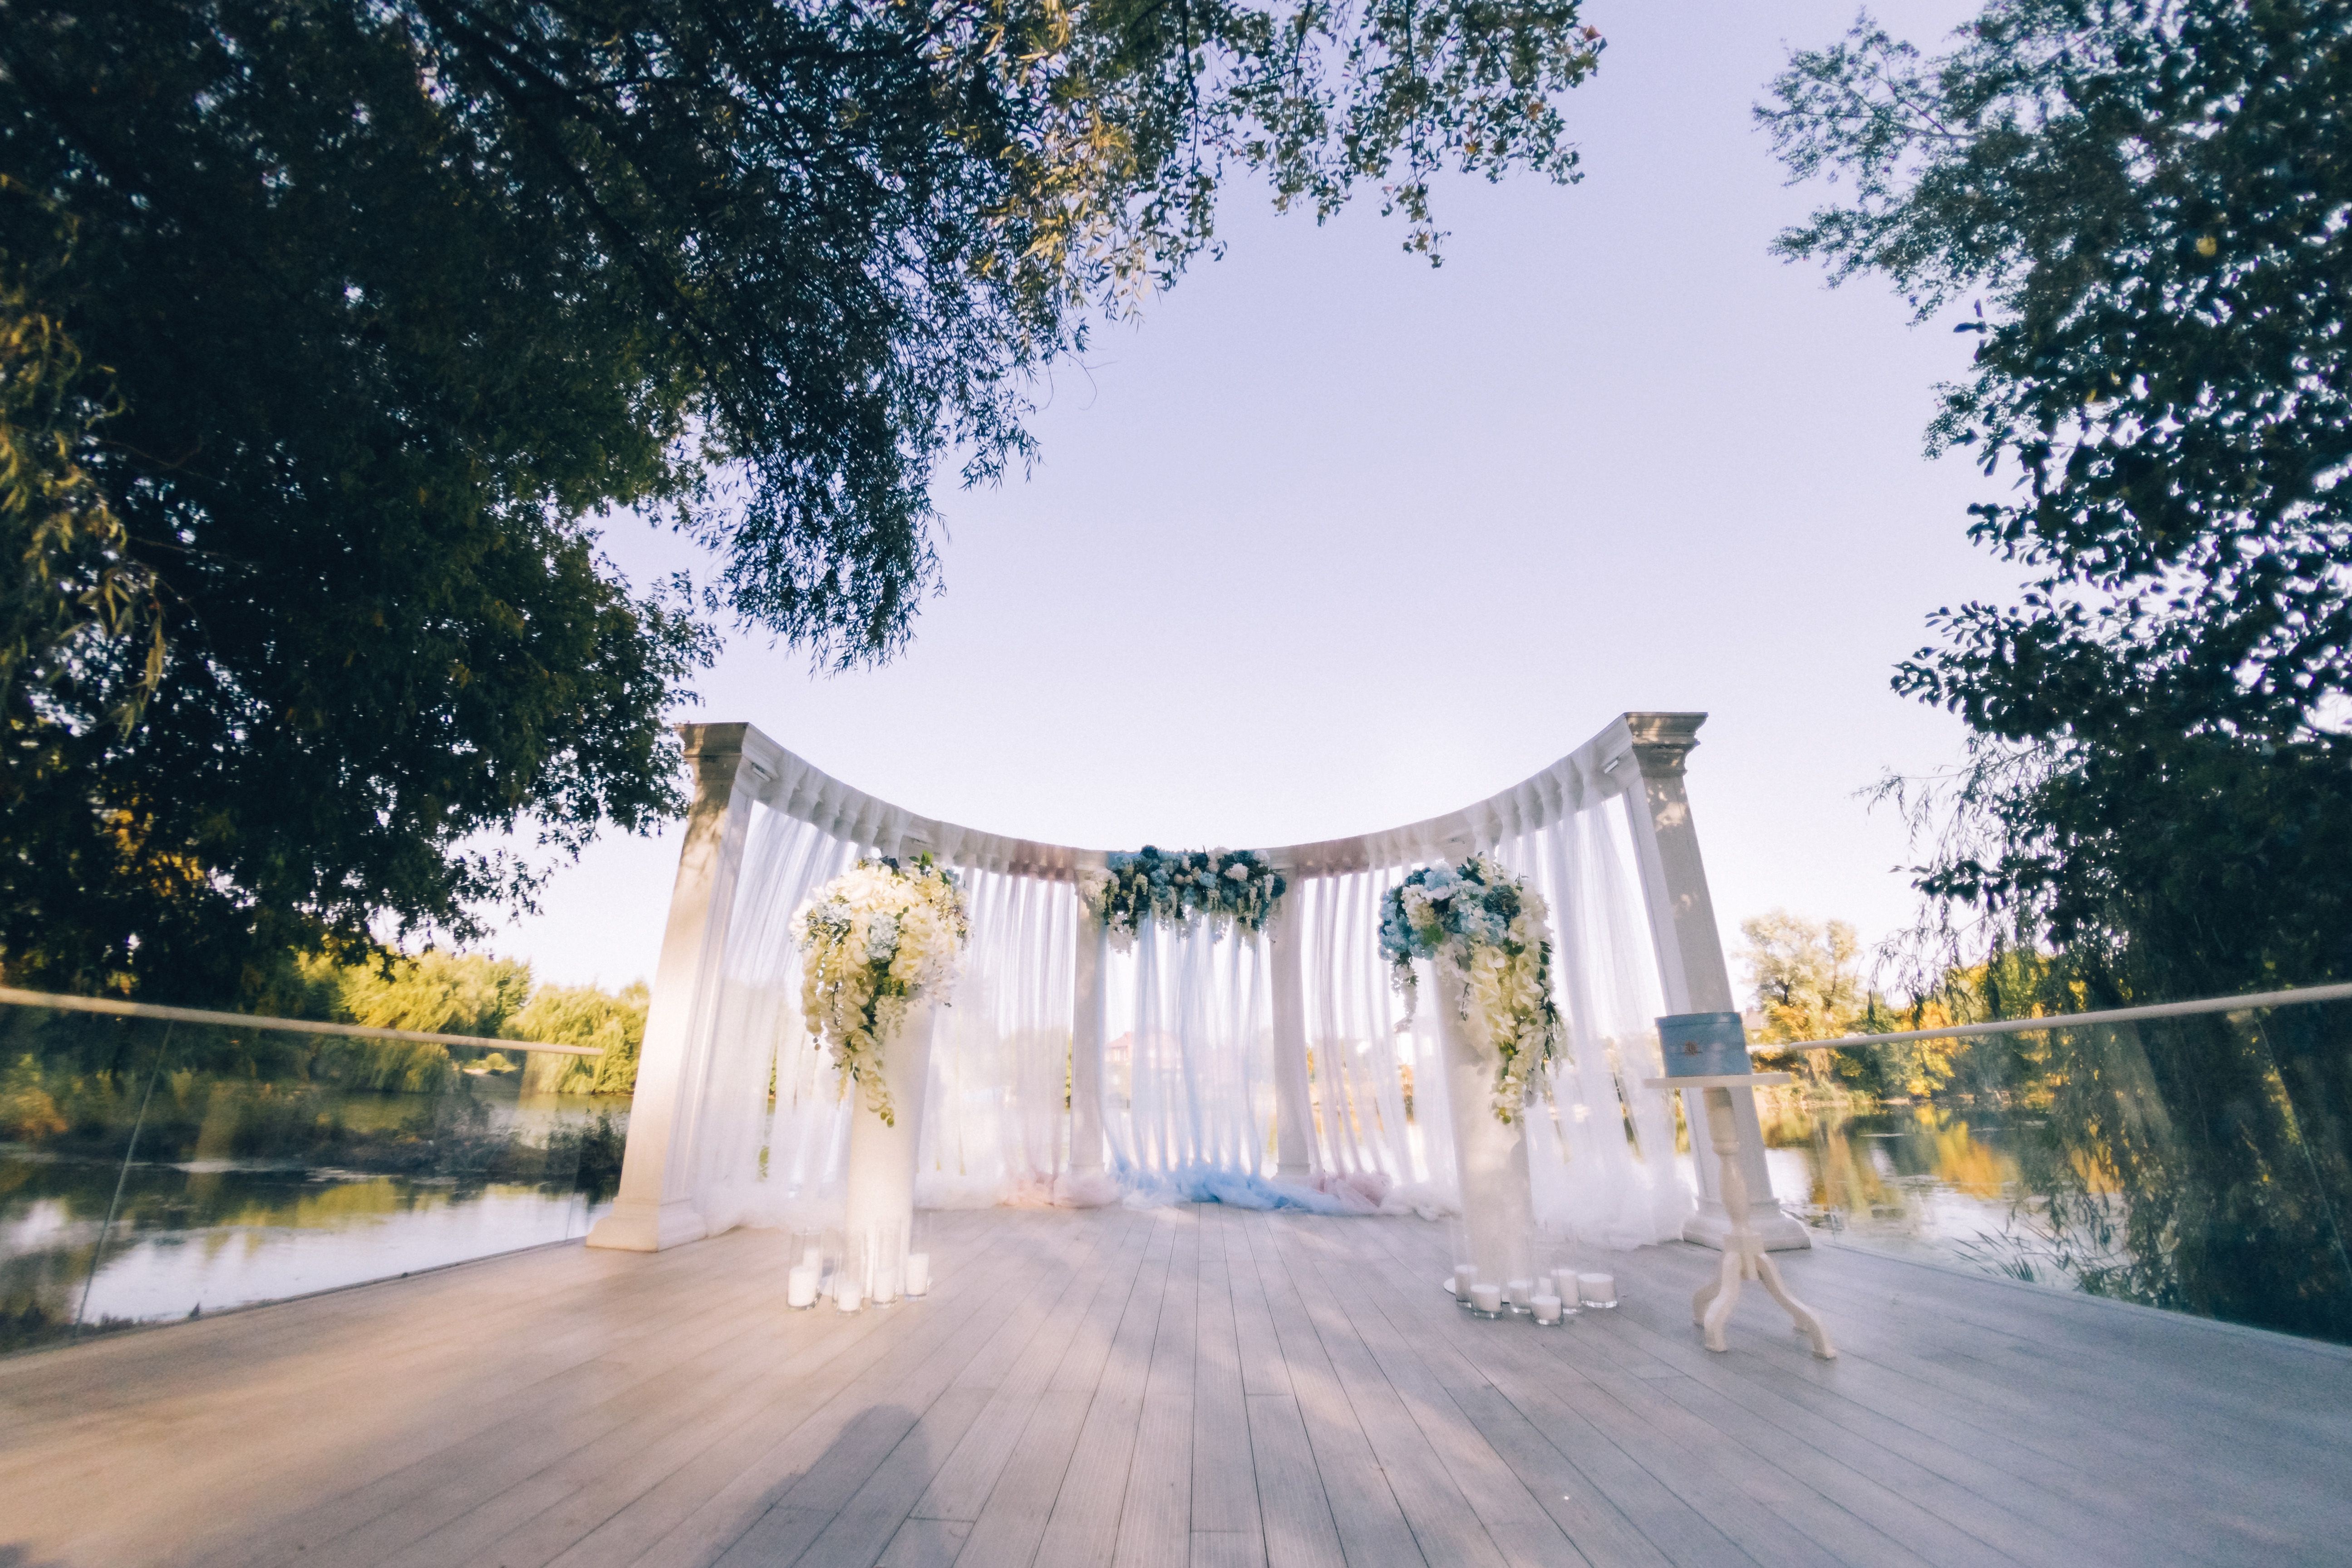 wedding ceremony, flowers, wedding decor, церемония, свадебная арка, декор, свадебное оформление